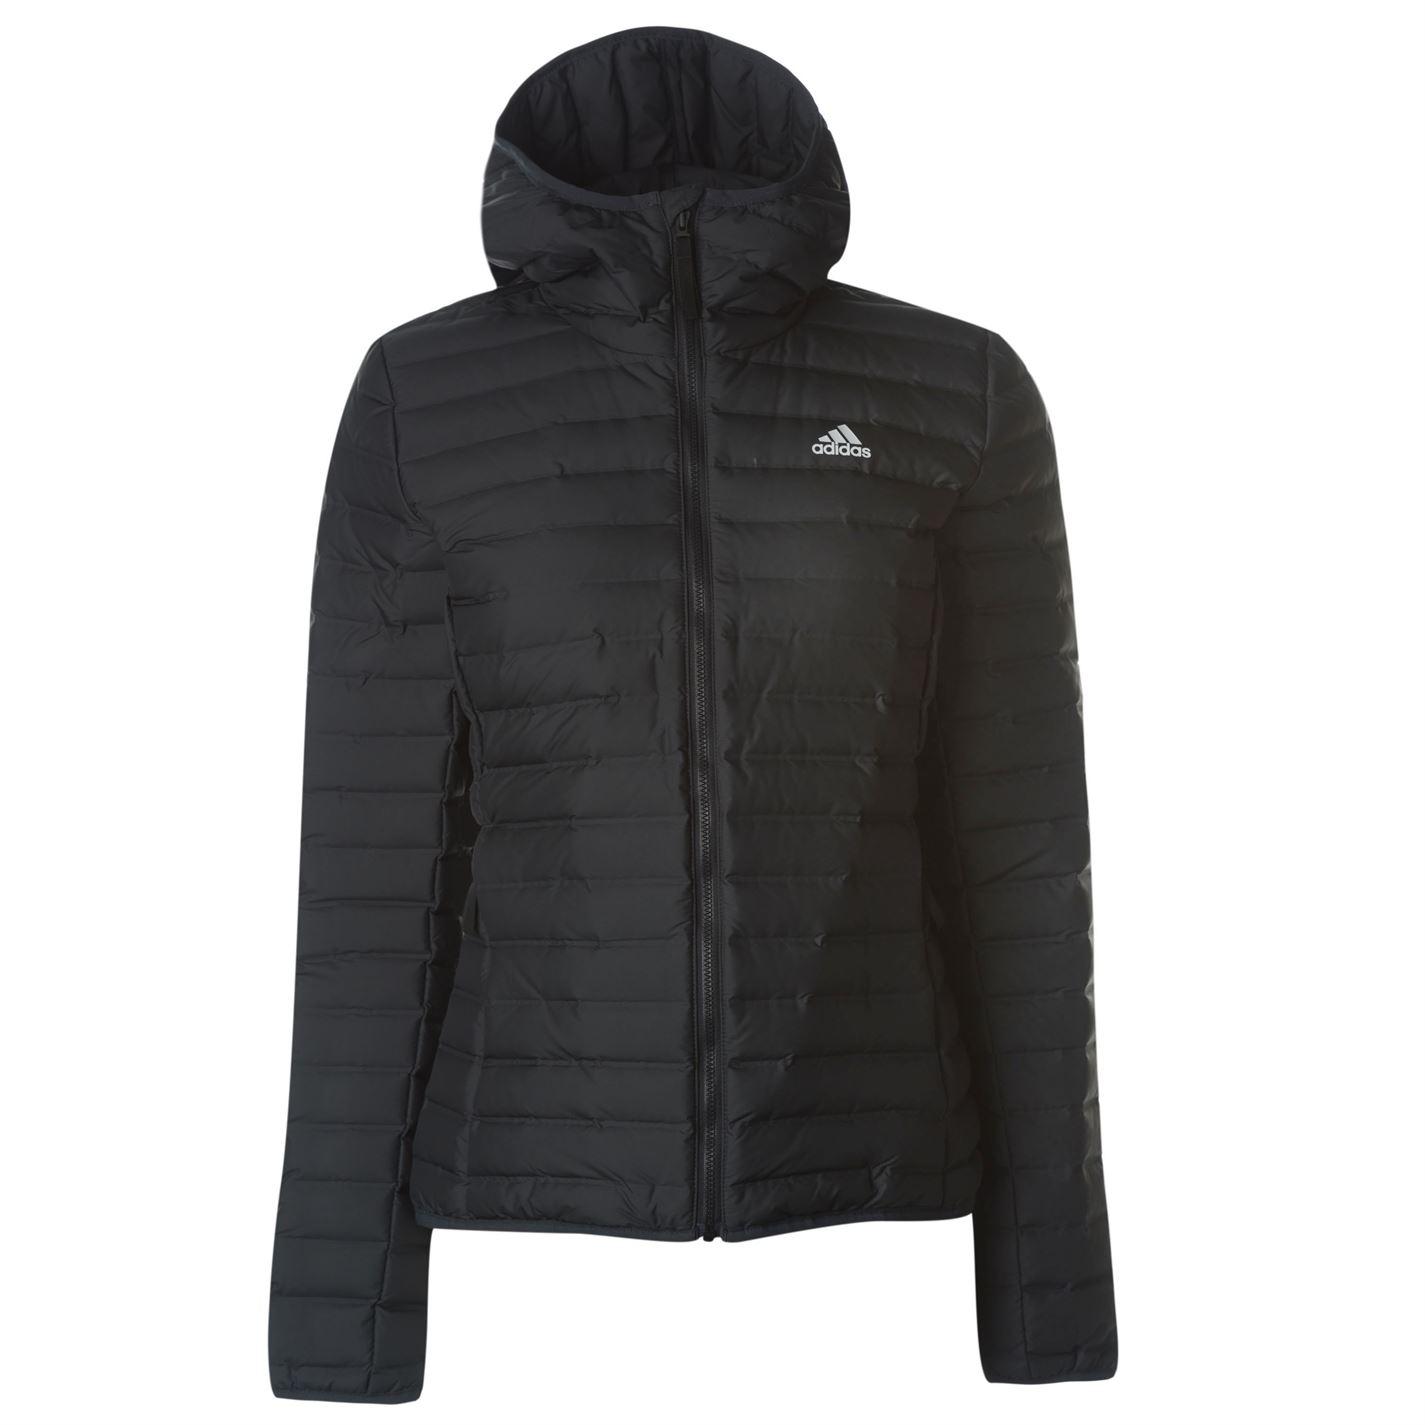 Adidas Varilite Hooded Jacket Ladies